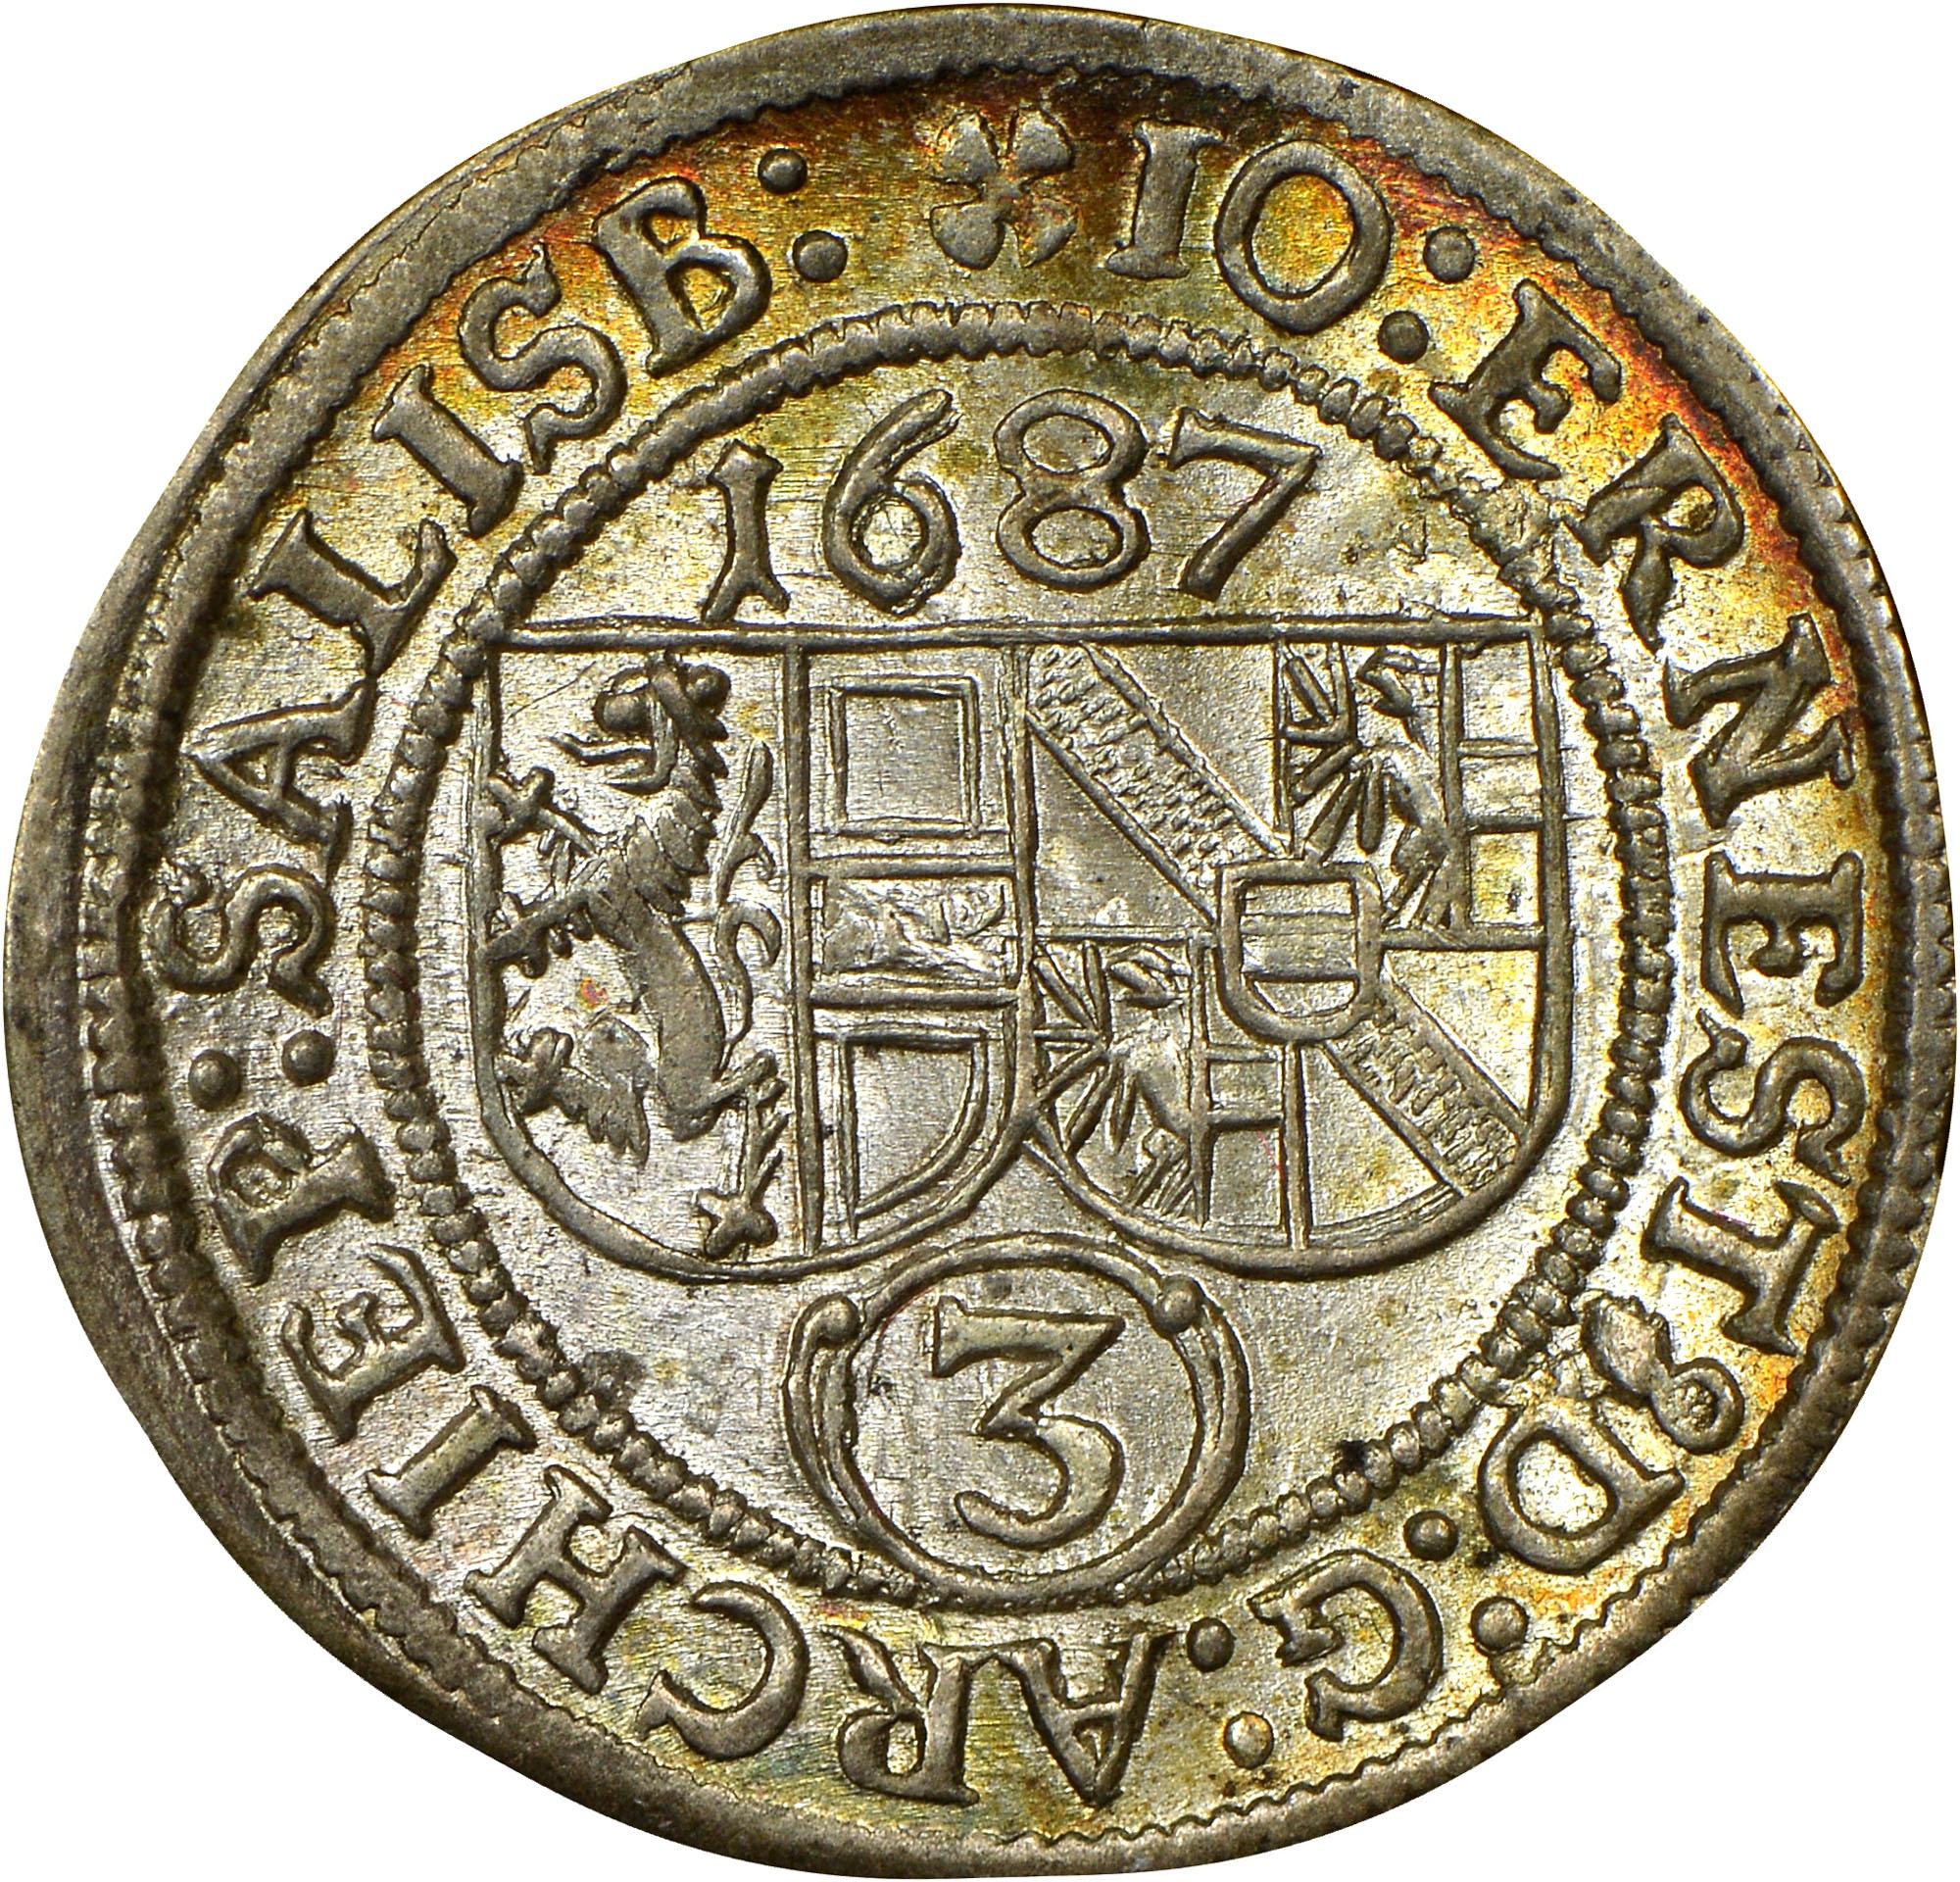 1687-1692 Austrian States SALZBURG 3 Kreuzer obverse